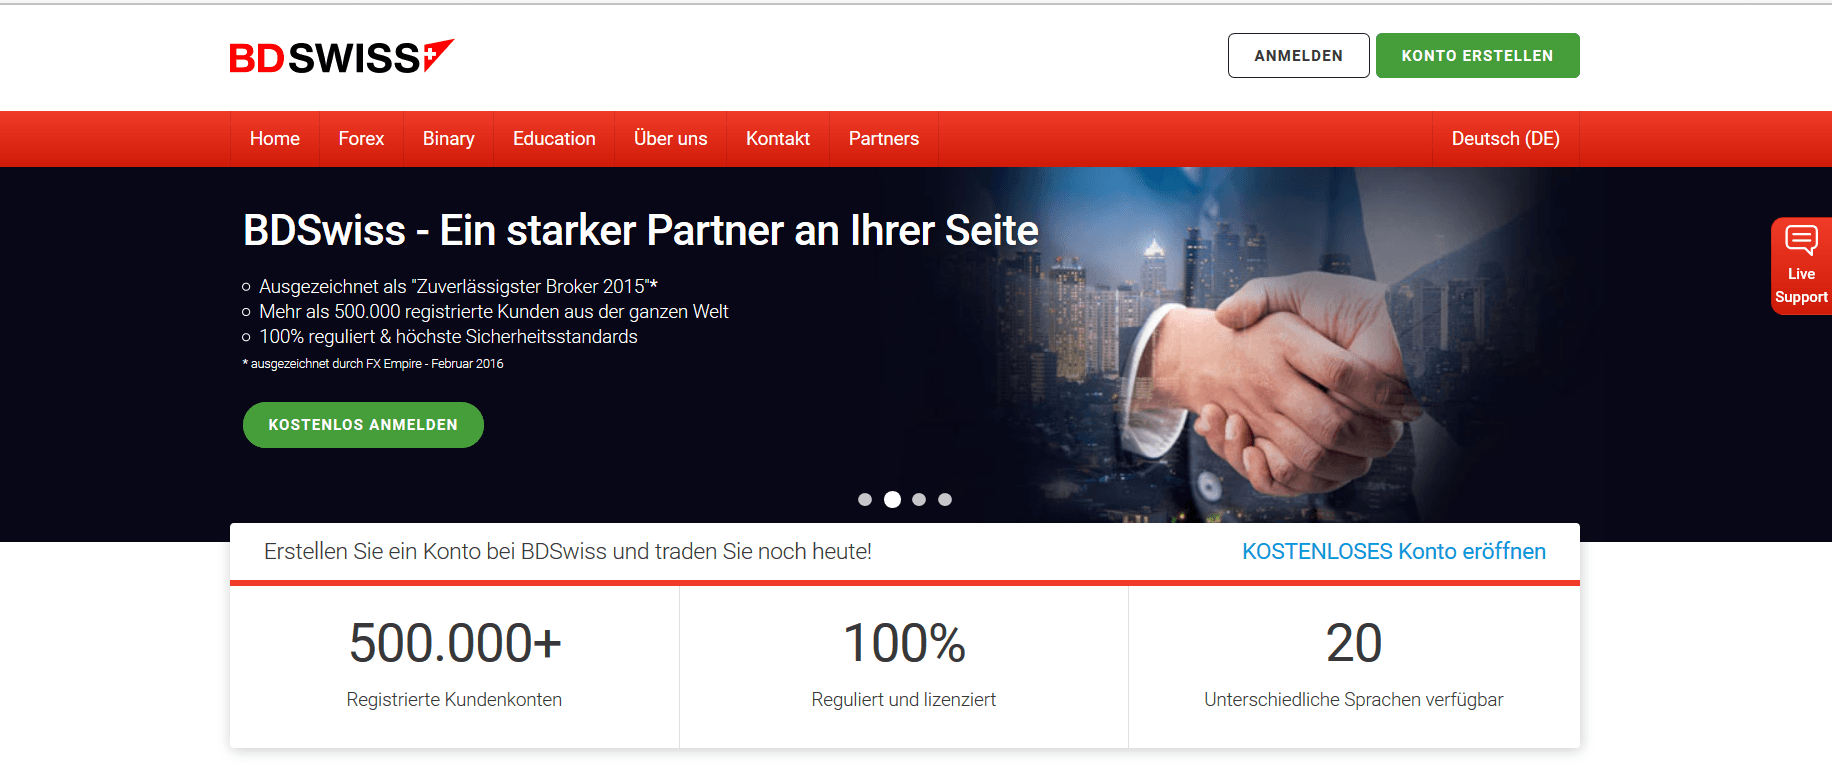 No touch option broker vergleich